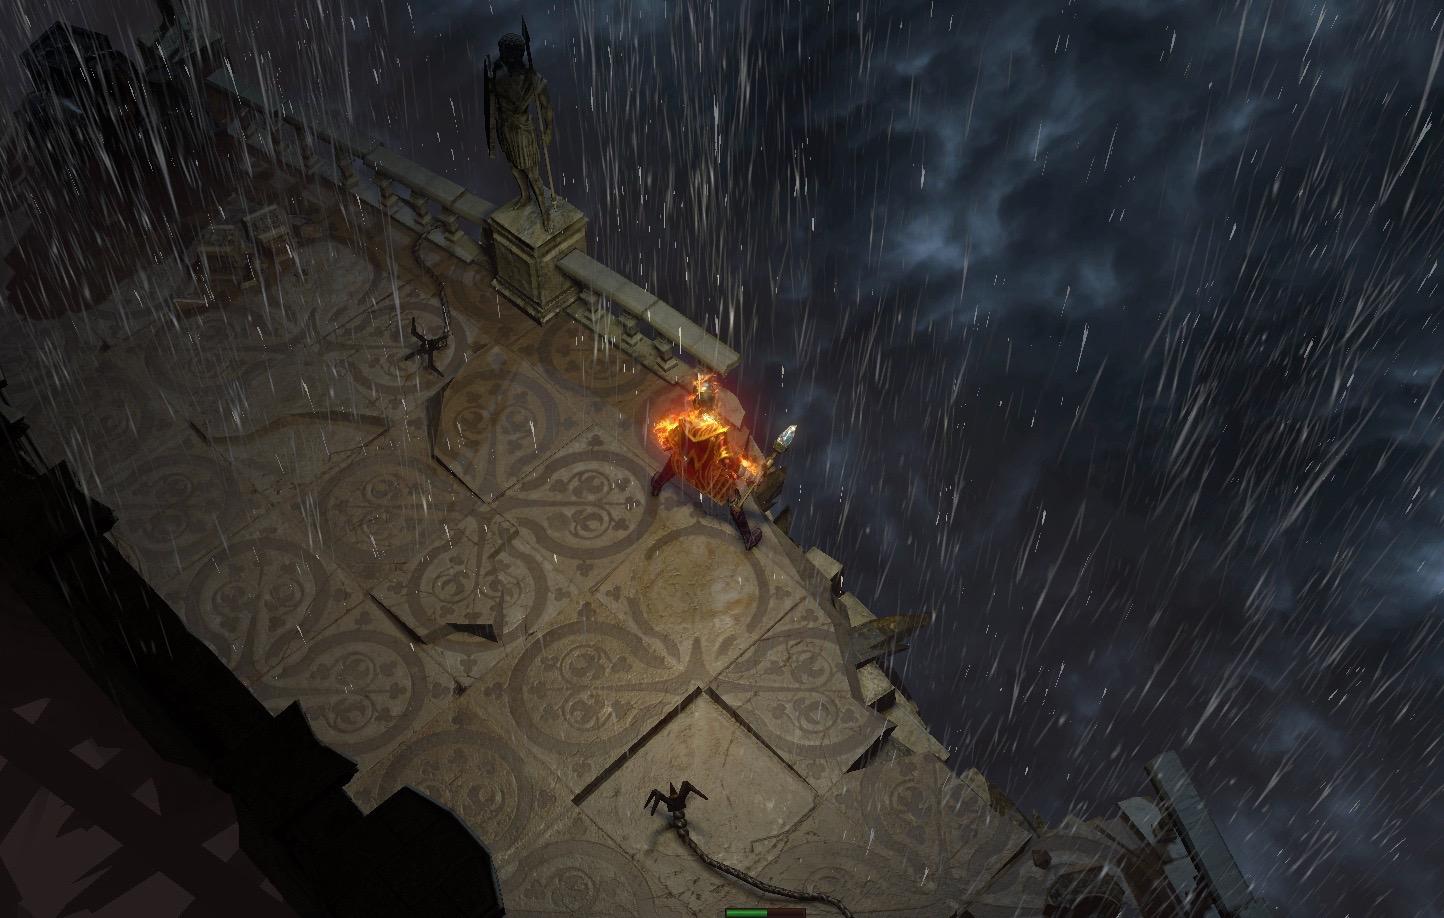 神权之塔上听雨